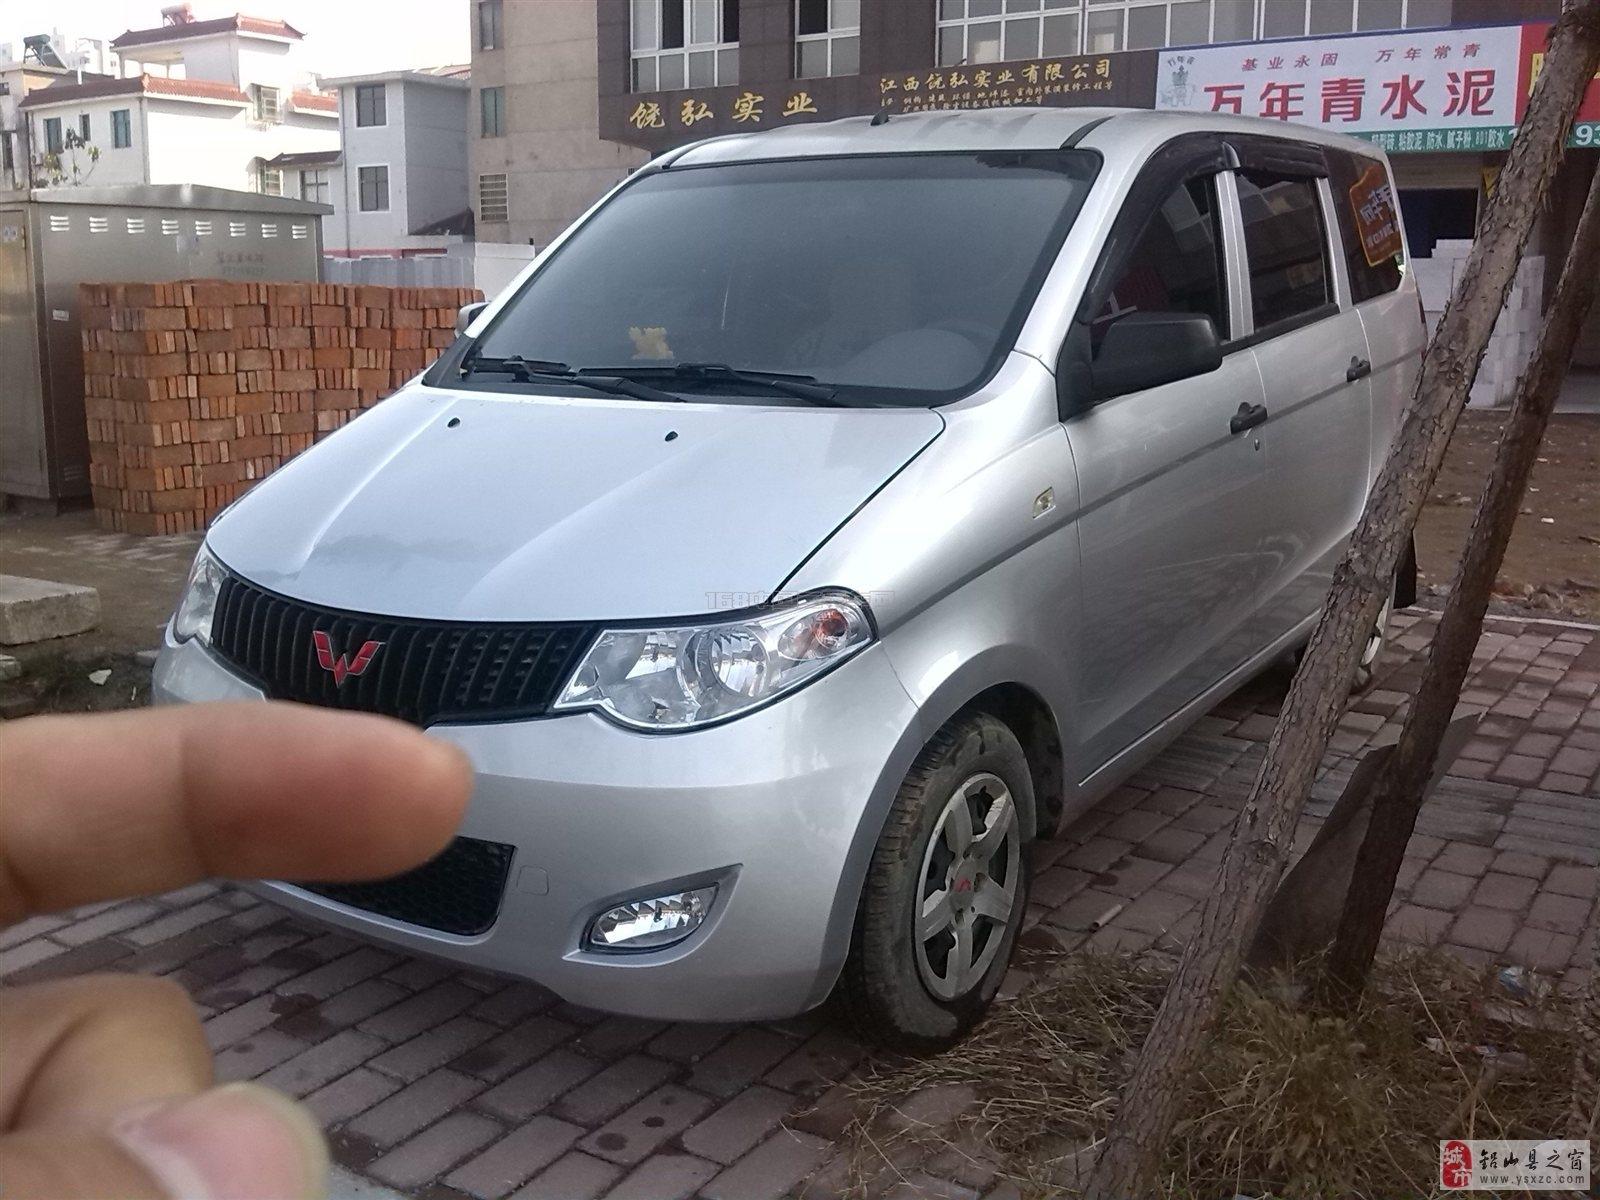 五菱宏光S商务车出售2012年3月五菱宏光